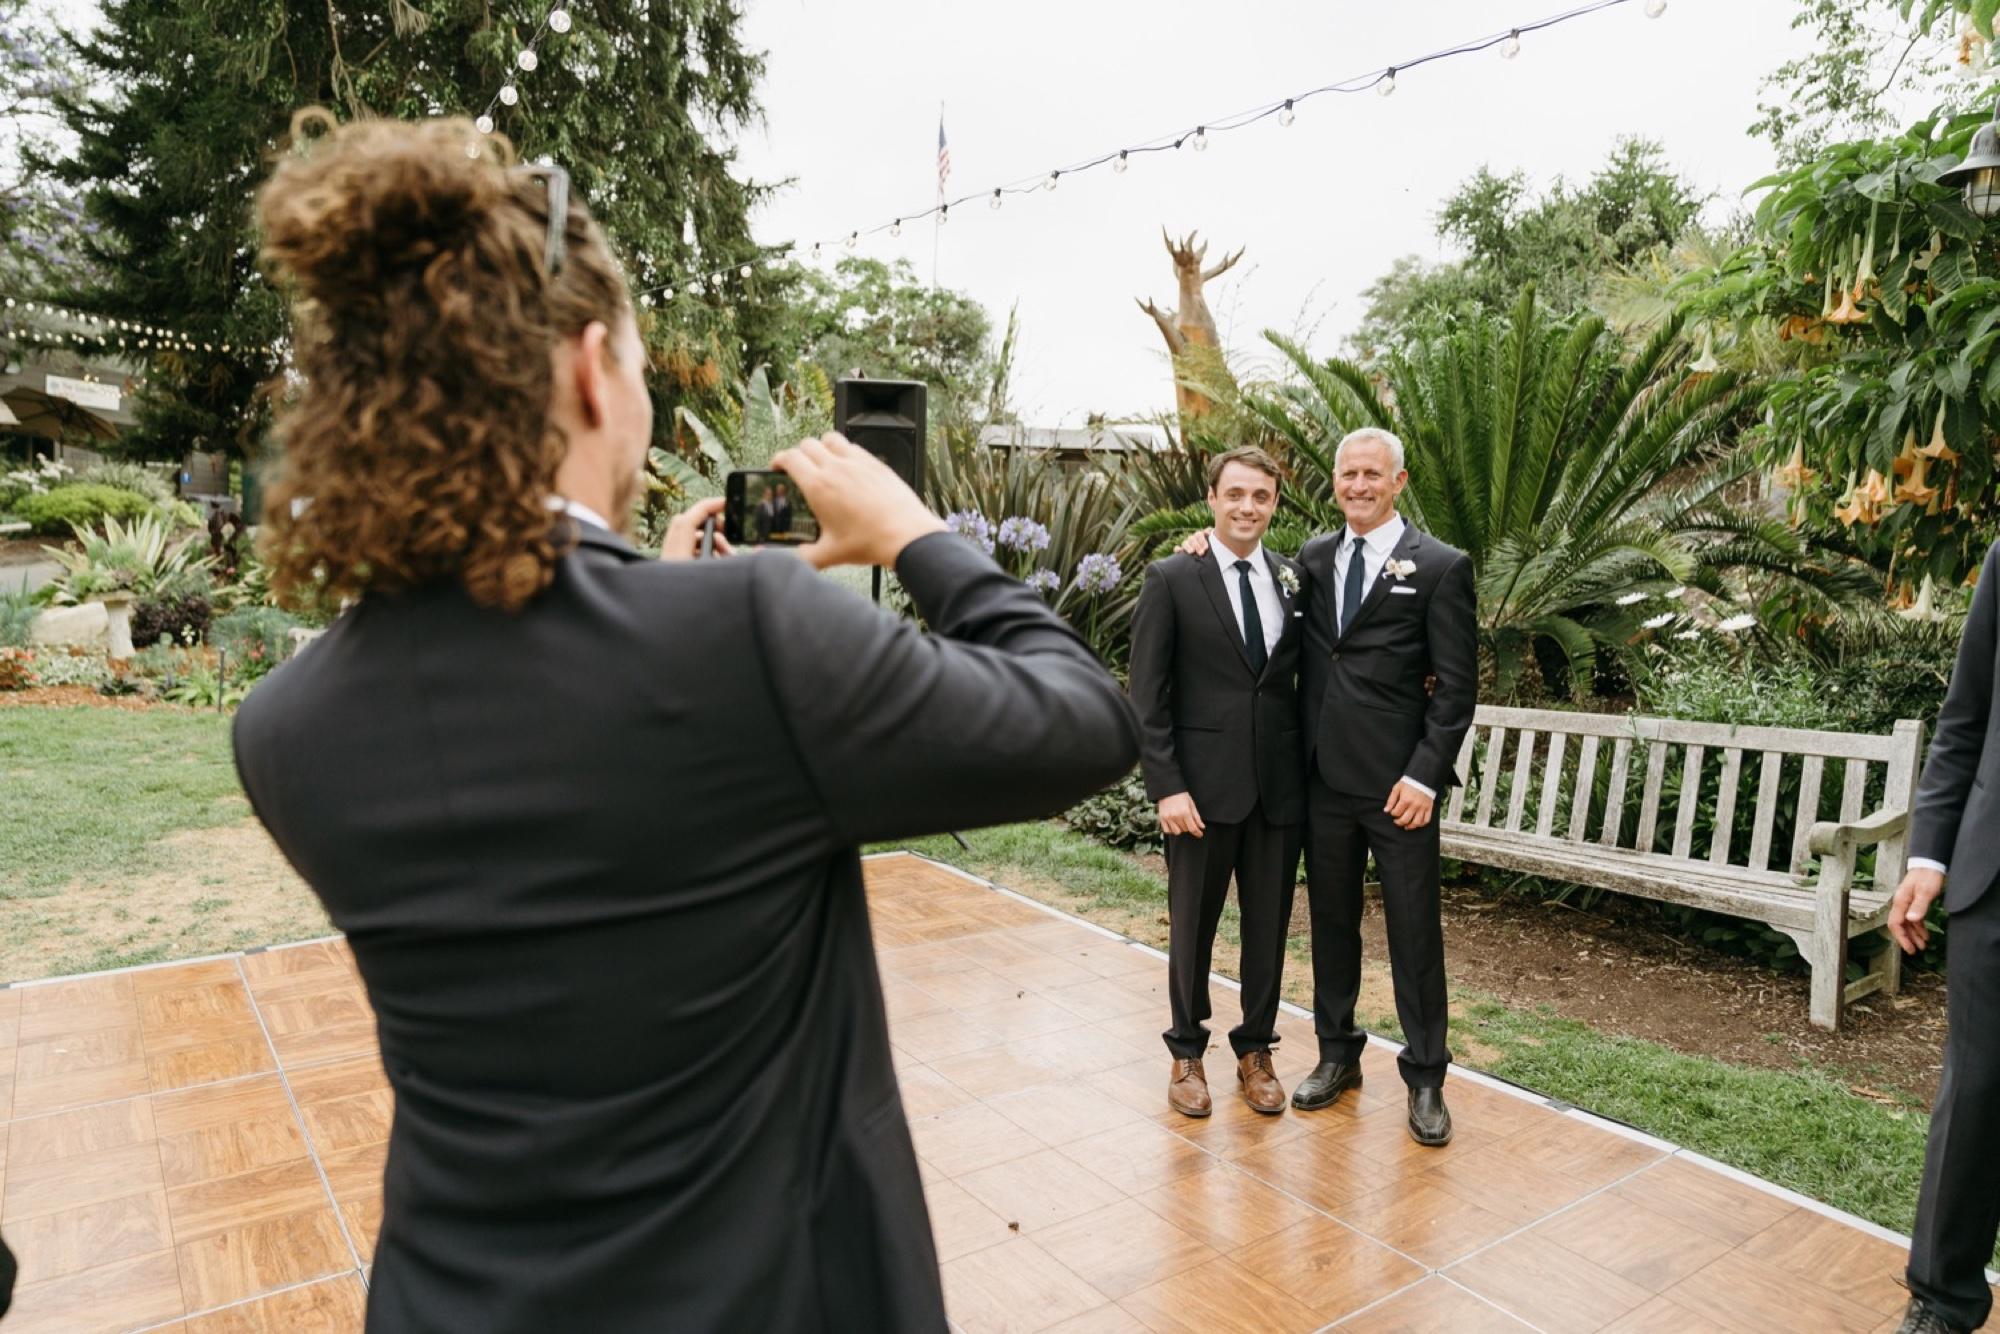 067_Shawna and Steve's Wedding-435.jpg